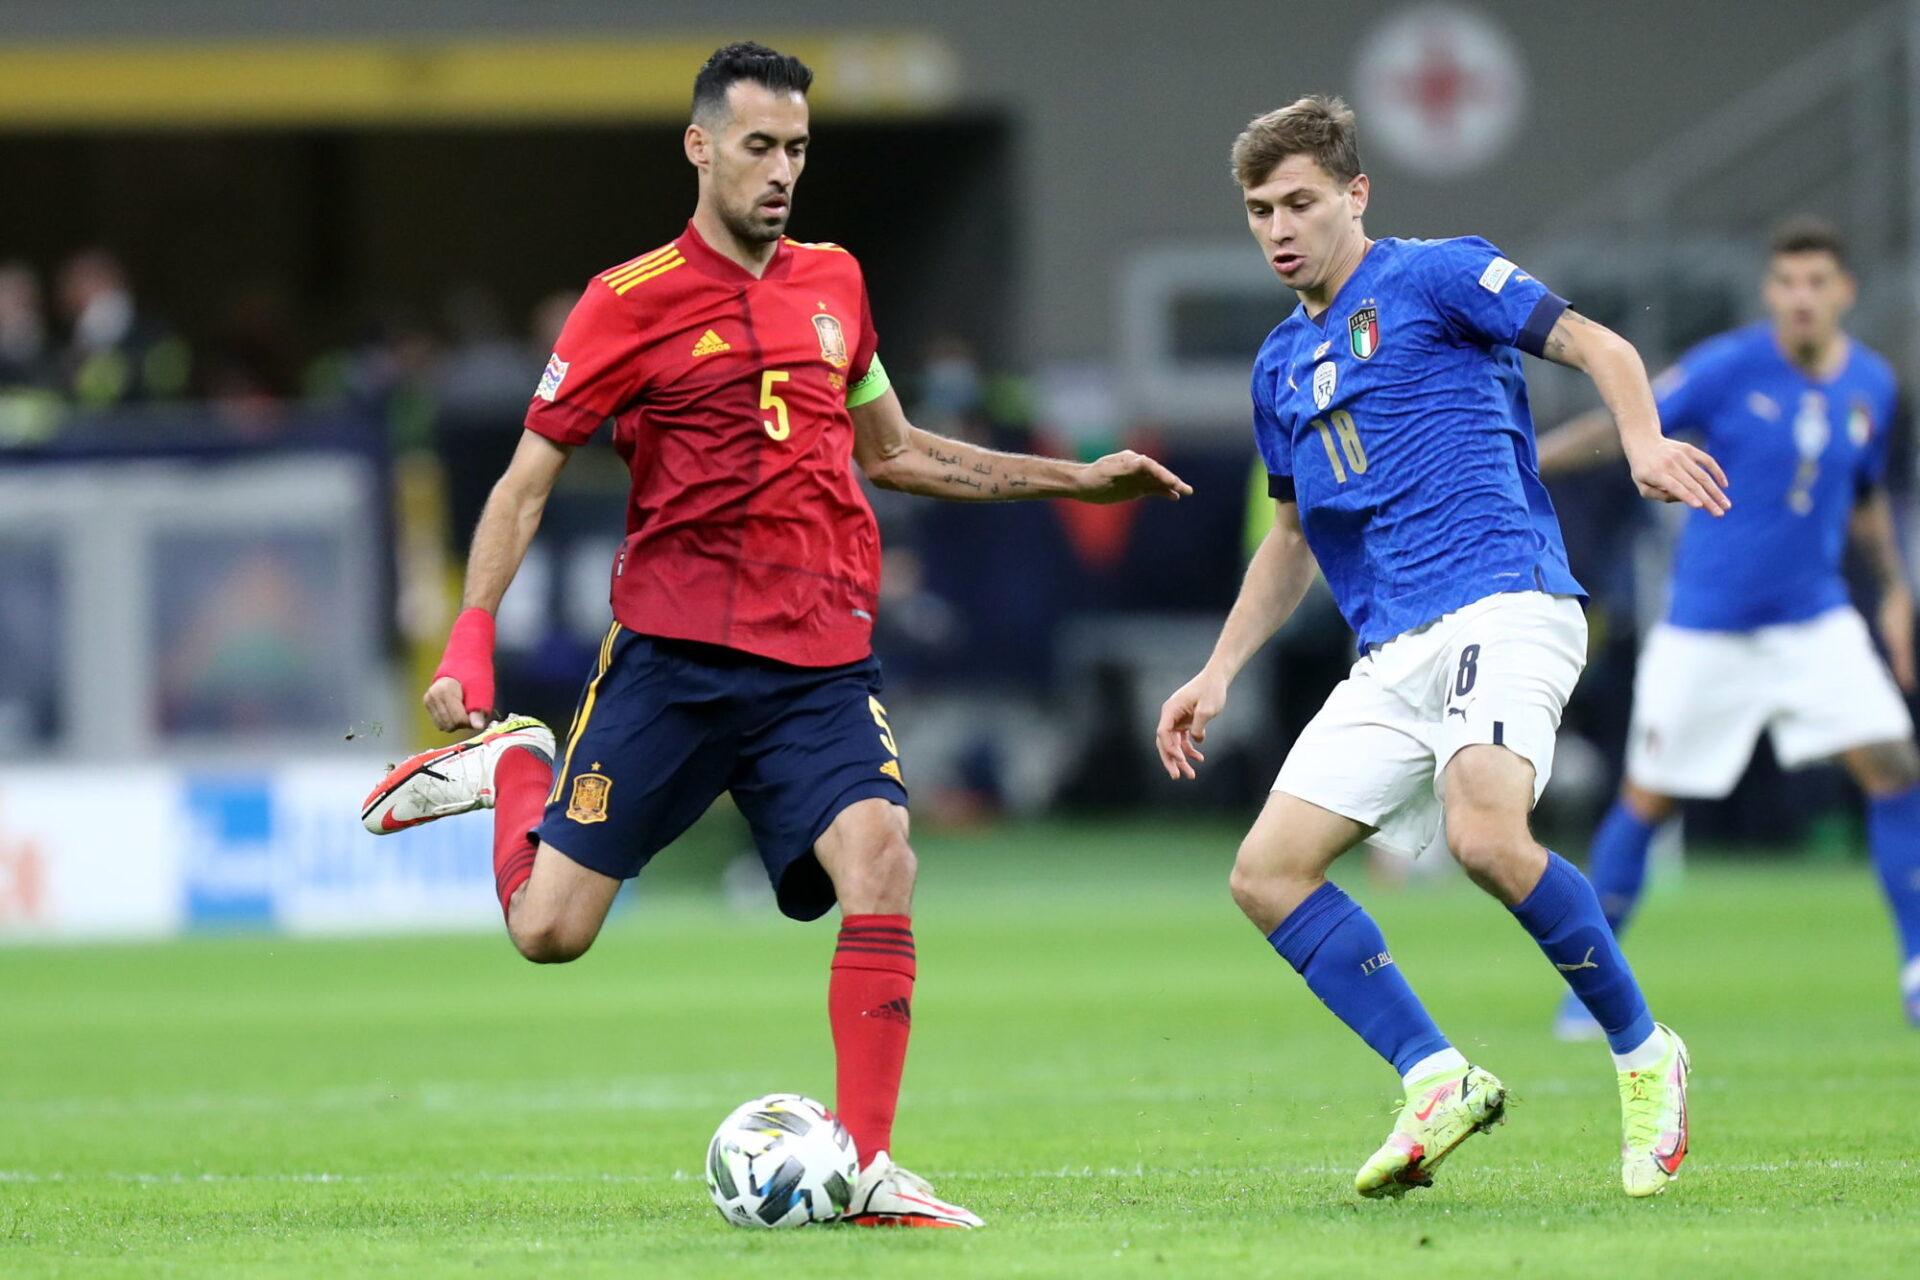 Avec Sergio Busquets en maître à jouer, l'Espagne est l'une des équipes qui maîtrisent le mieux la possession. Icon Sport